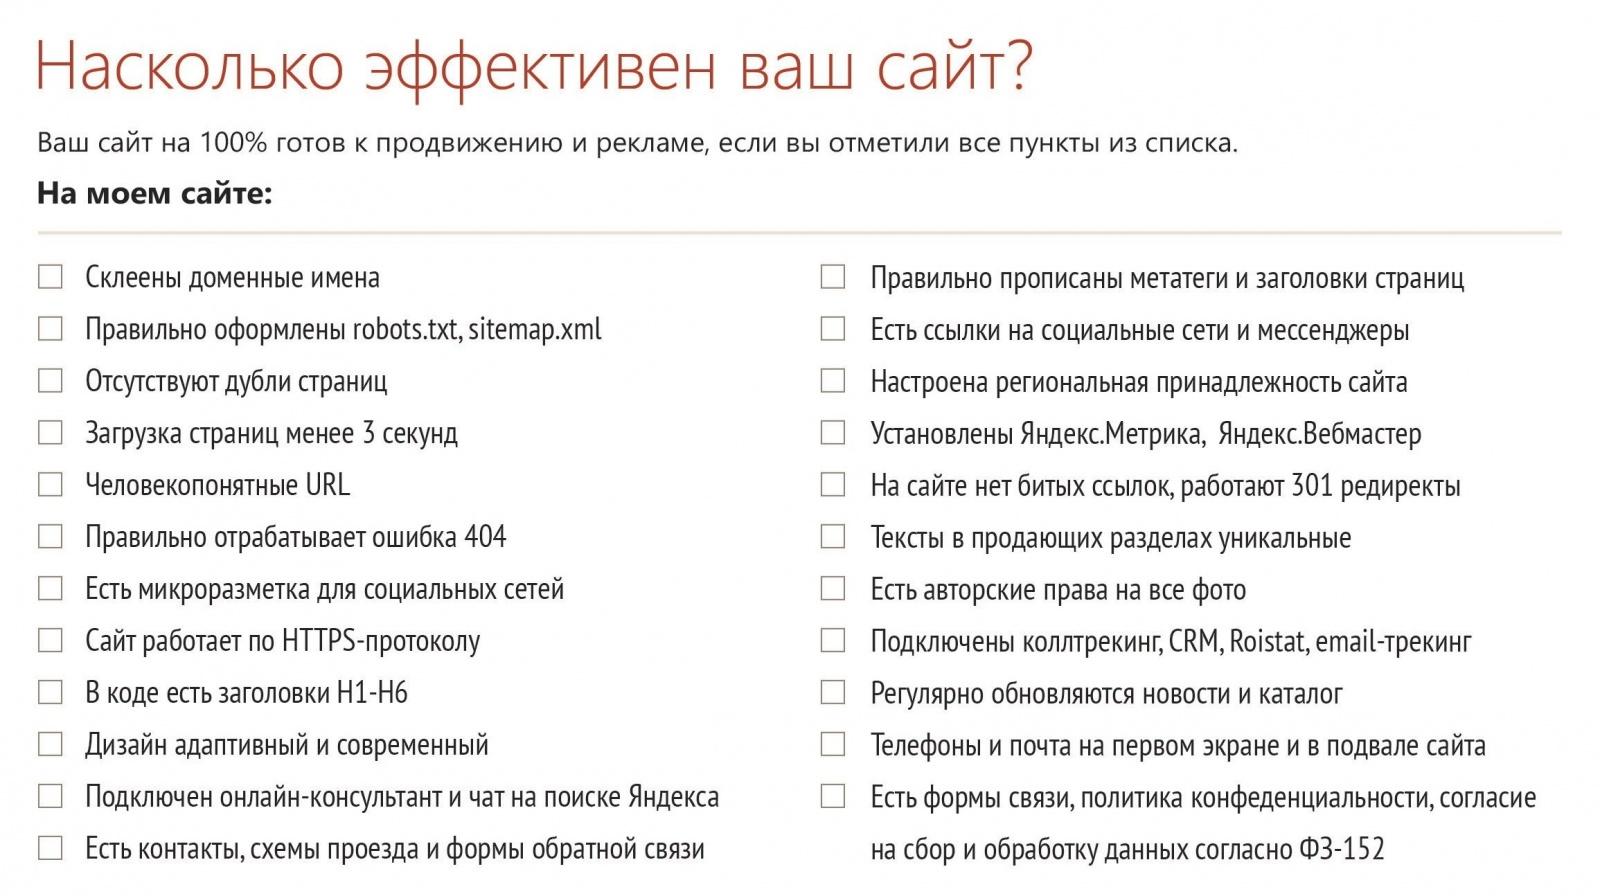 Чек-лист для проверки эффективности сайта